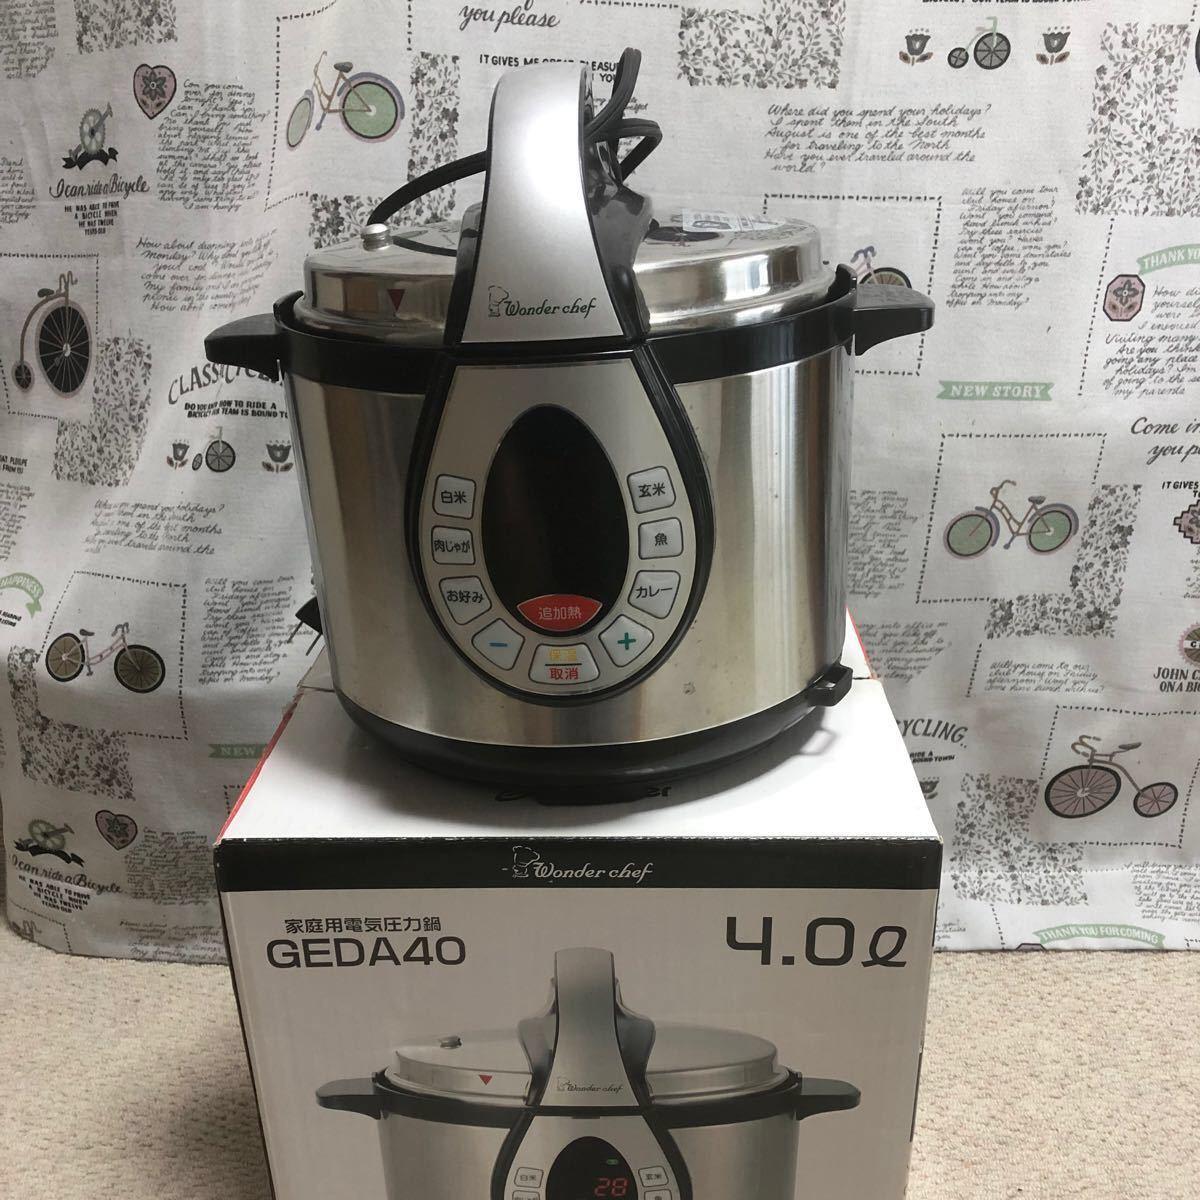 未使用★ 家庭用品電気圧力鍋 ワンダーシェフ 4.0